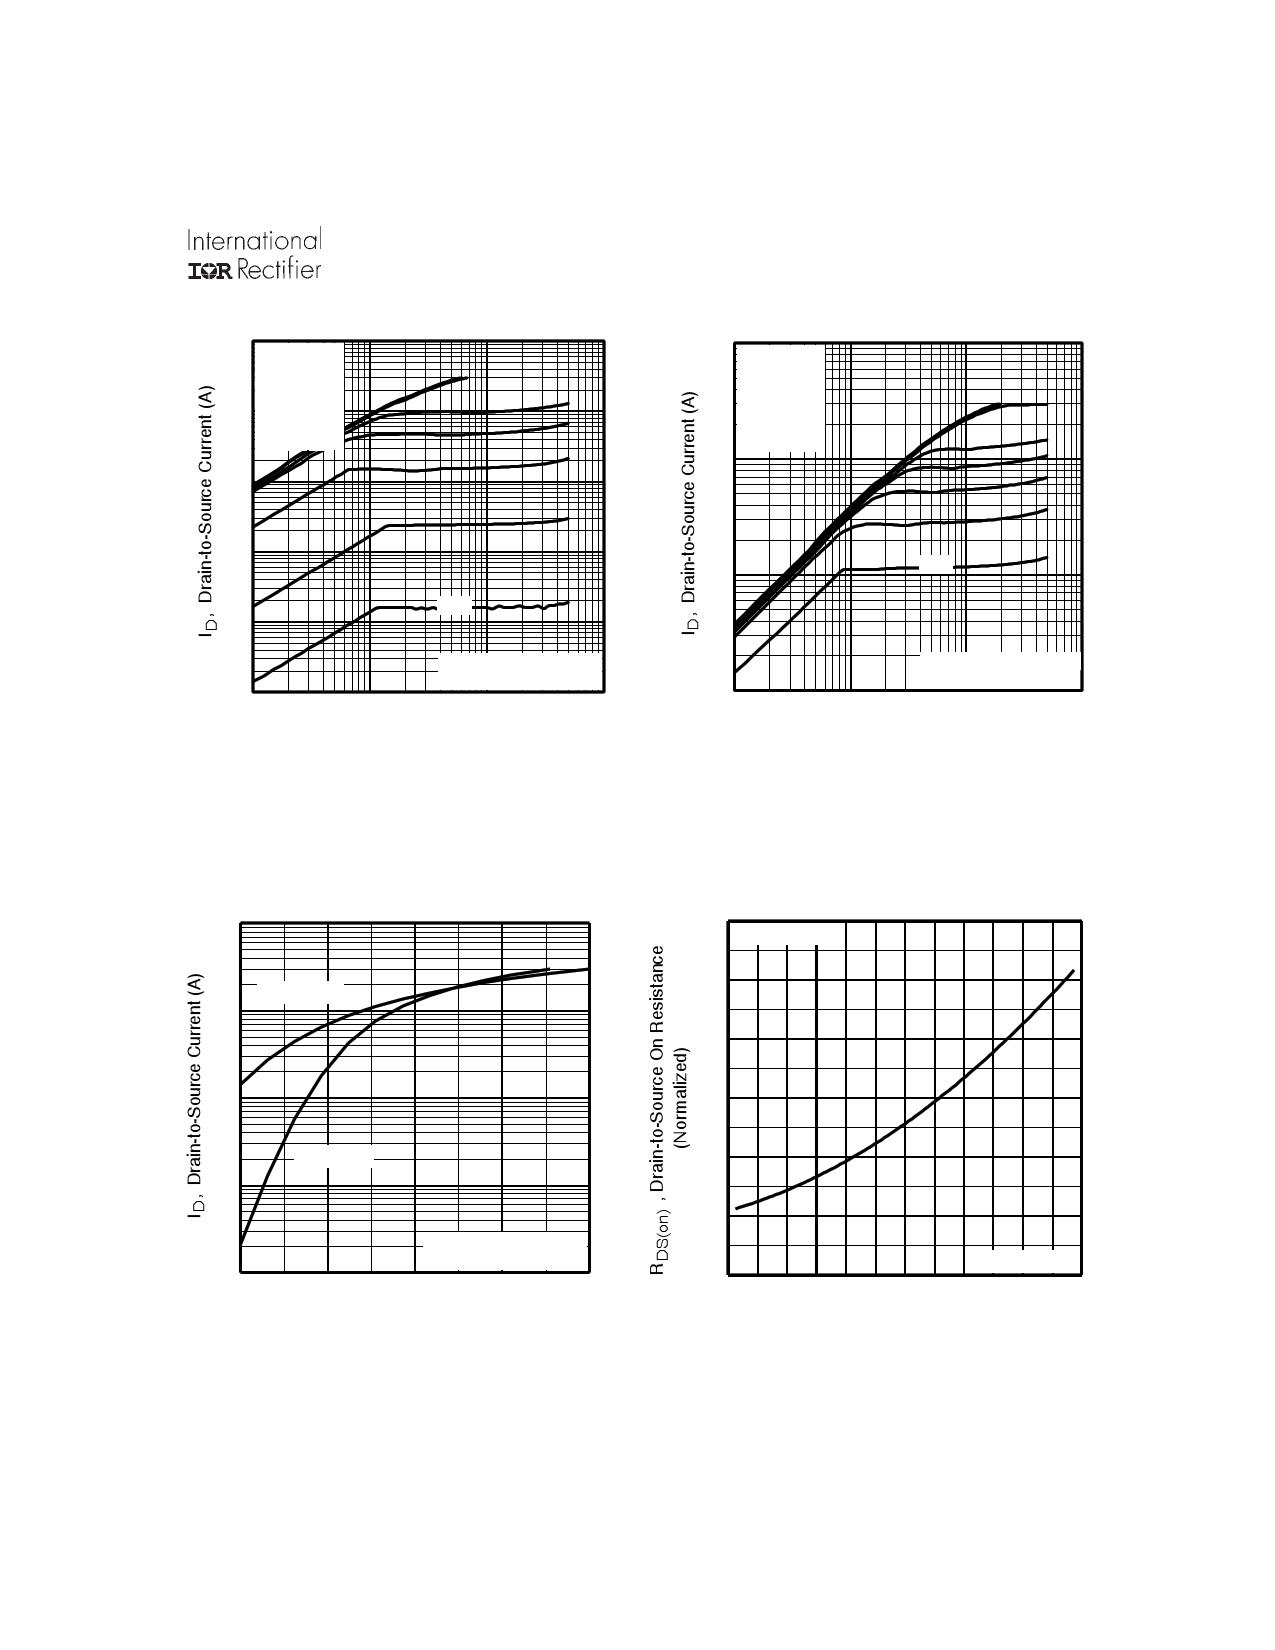 IRFSL4710PbF pdf, ピン配列